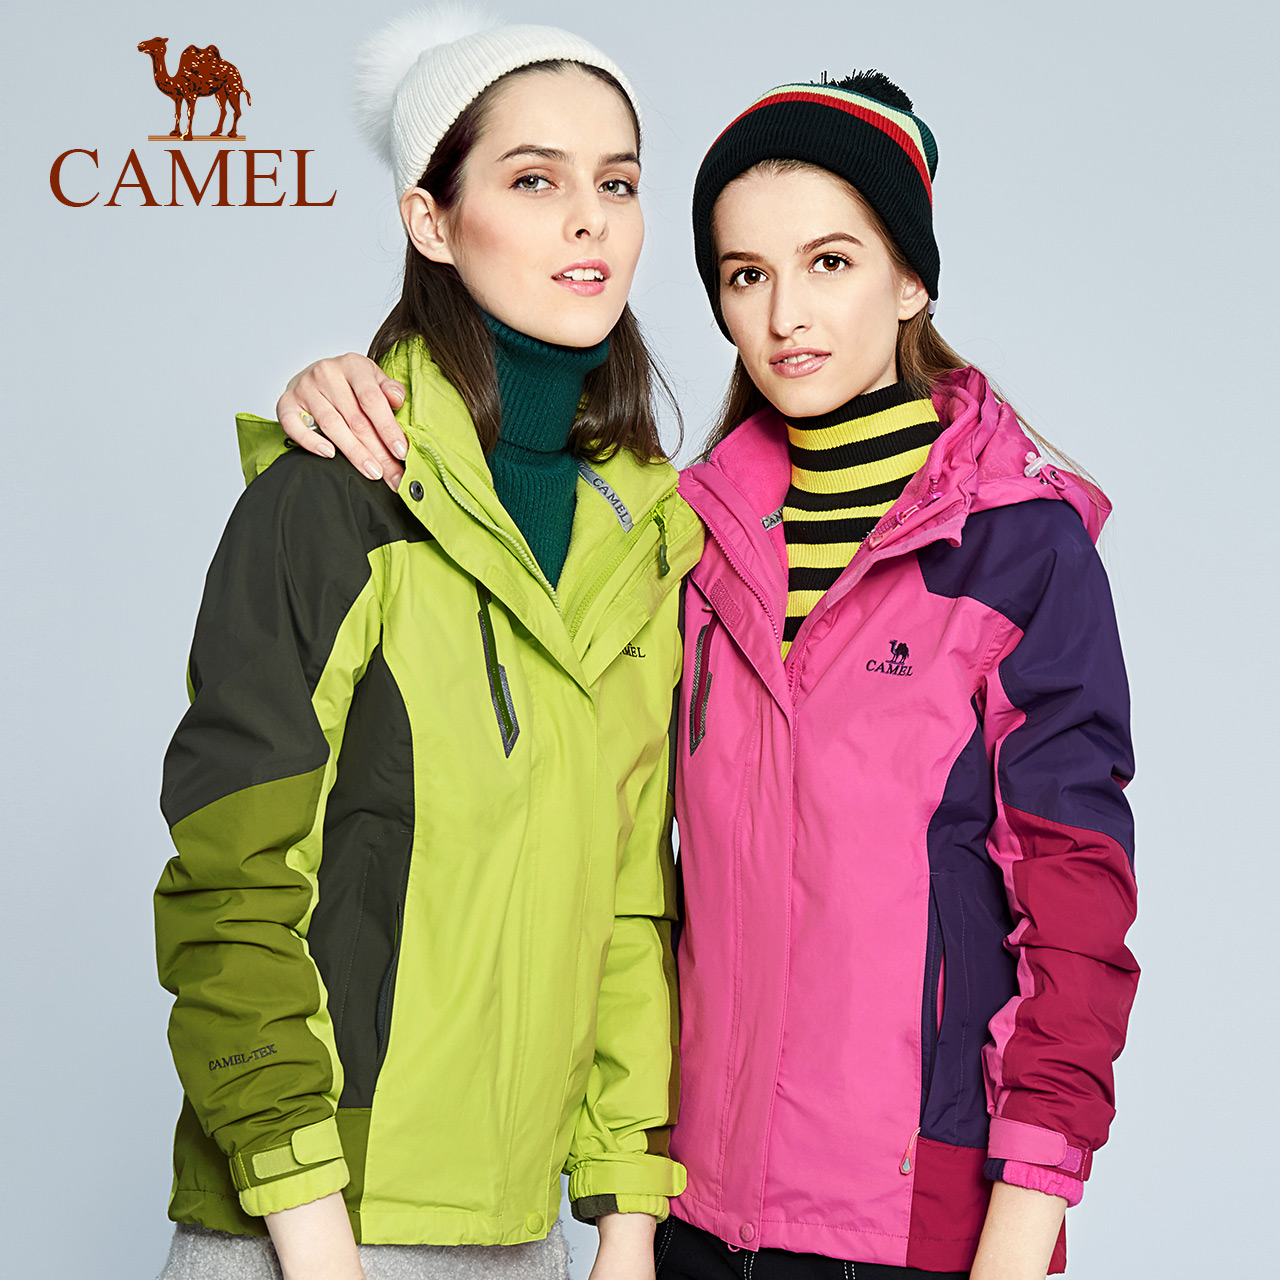 骆驼户外冲锋衣 三合一两件套保暖抓绒冲锋衣潮牌女